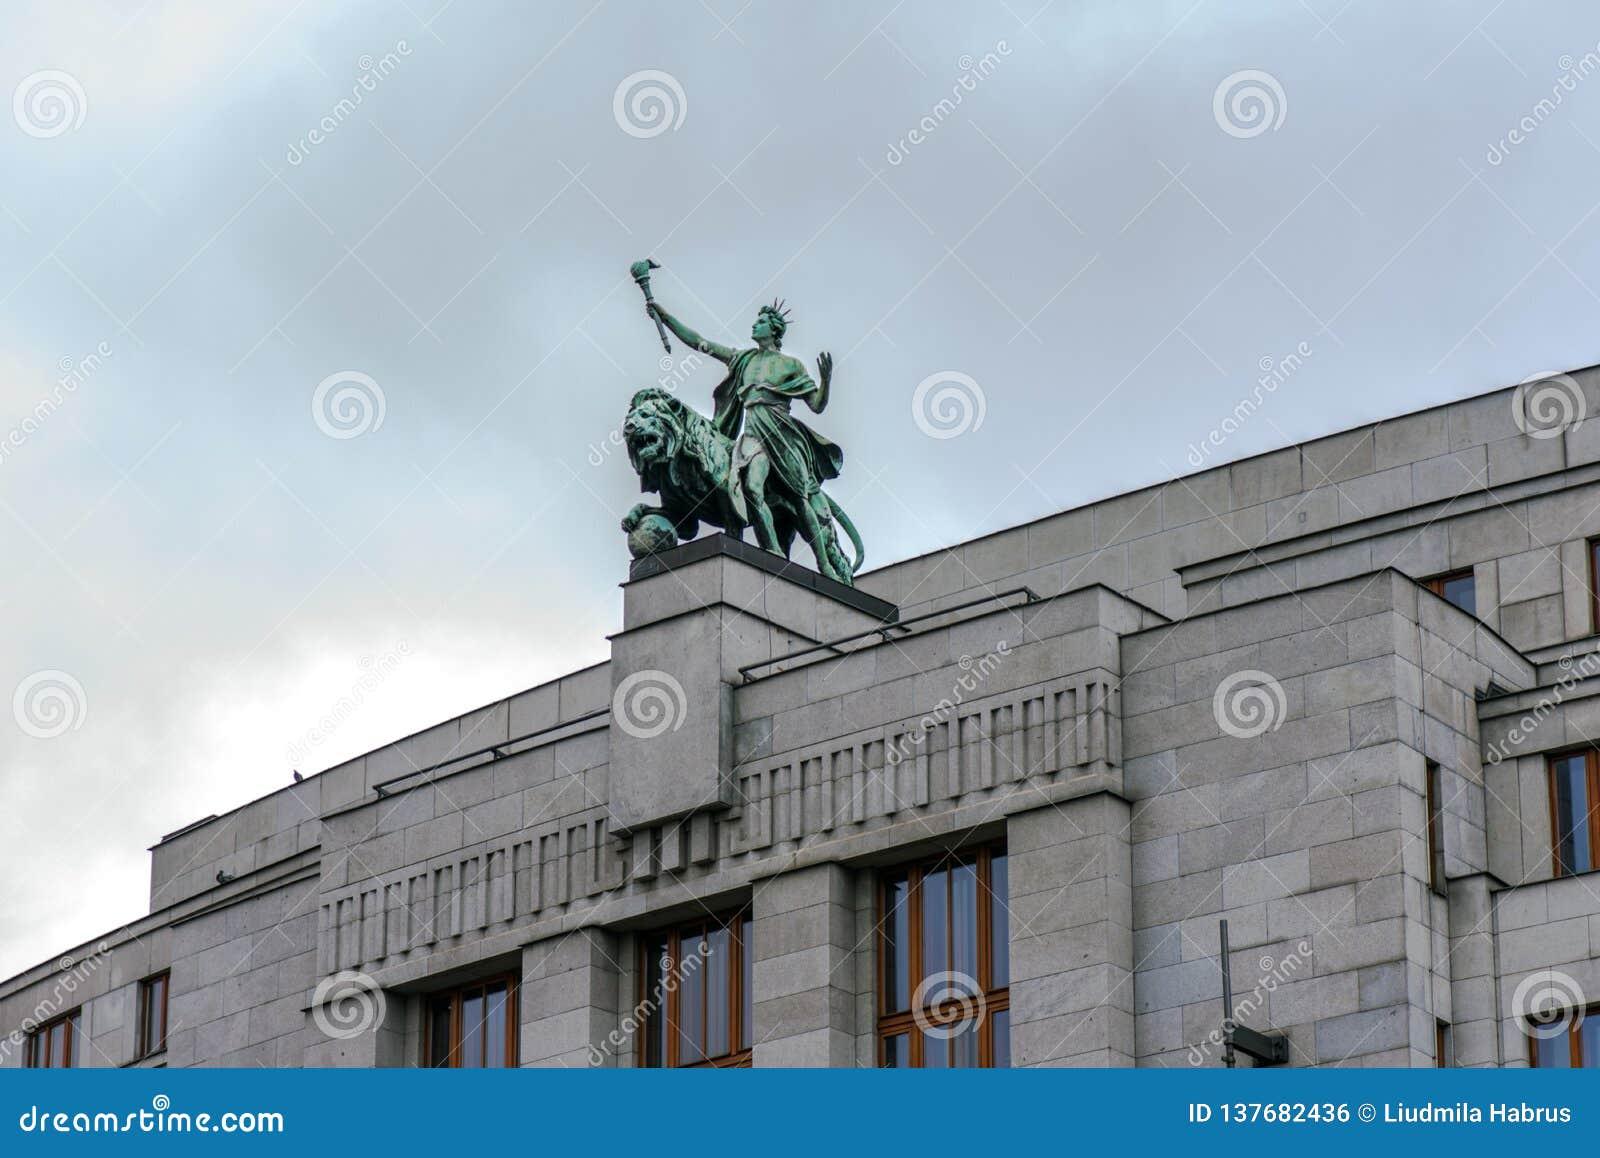 Prague, Czech Republic . Sculpture at the Czech National Bank